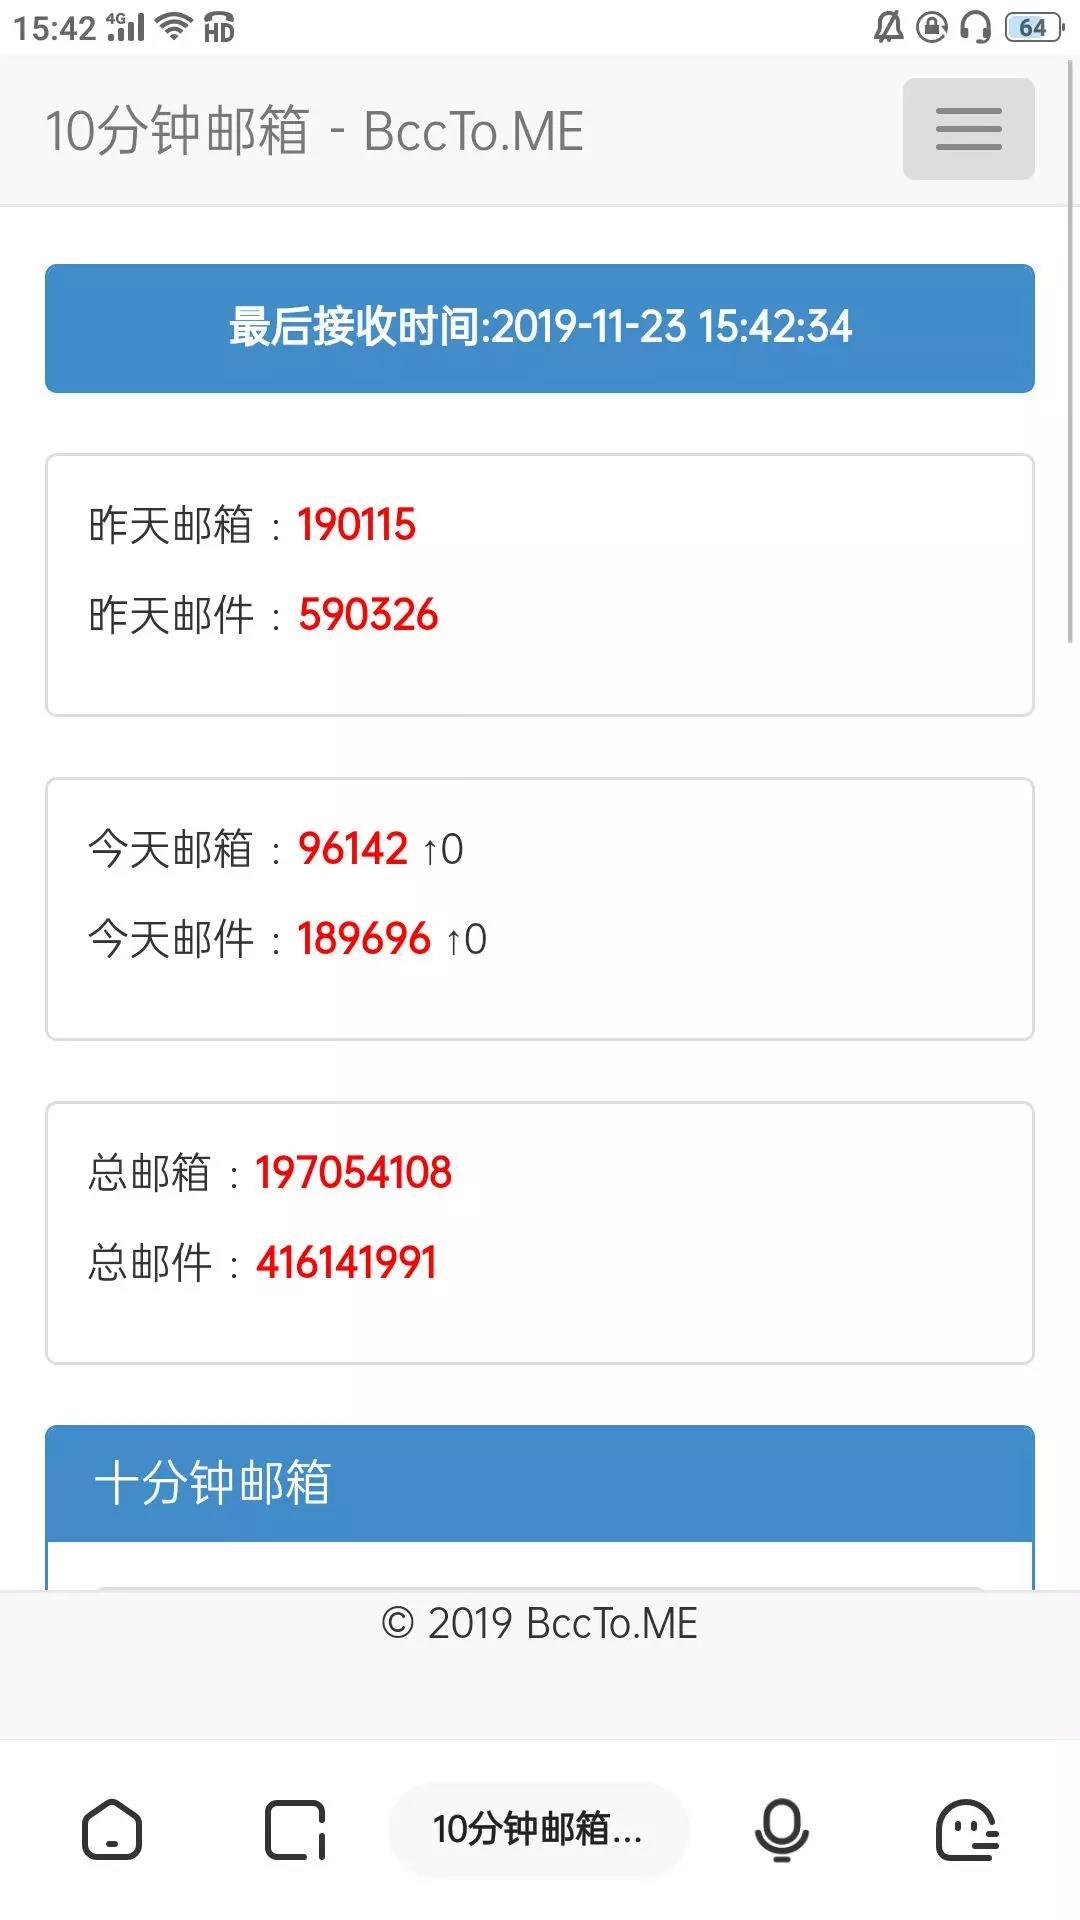 5ec65919c2a9a83be5c4762f 临时邮箱-十分钟邮箱保护隐私